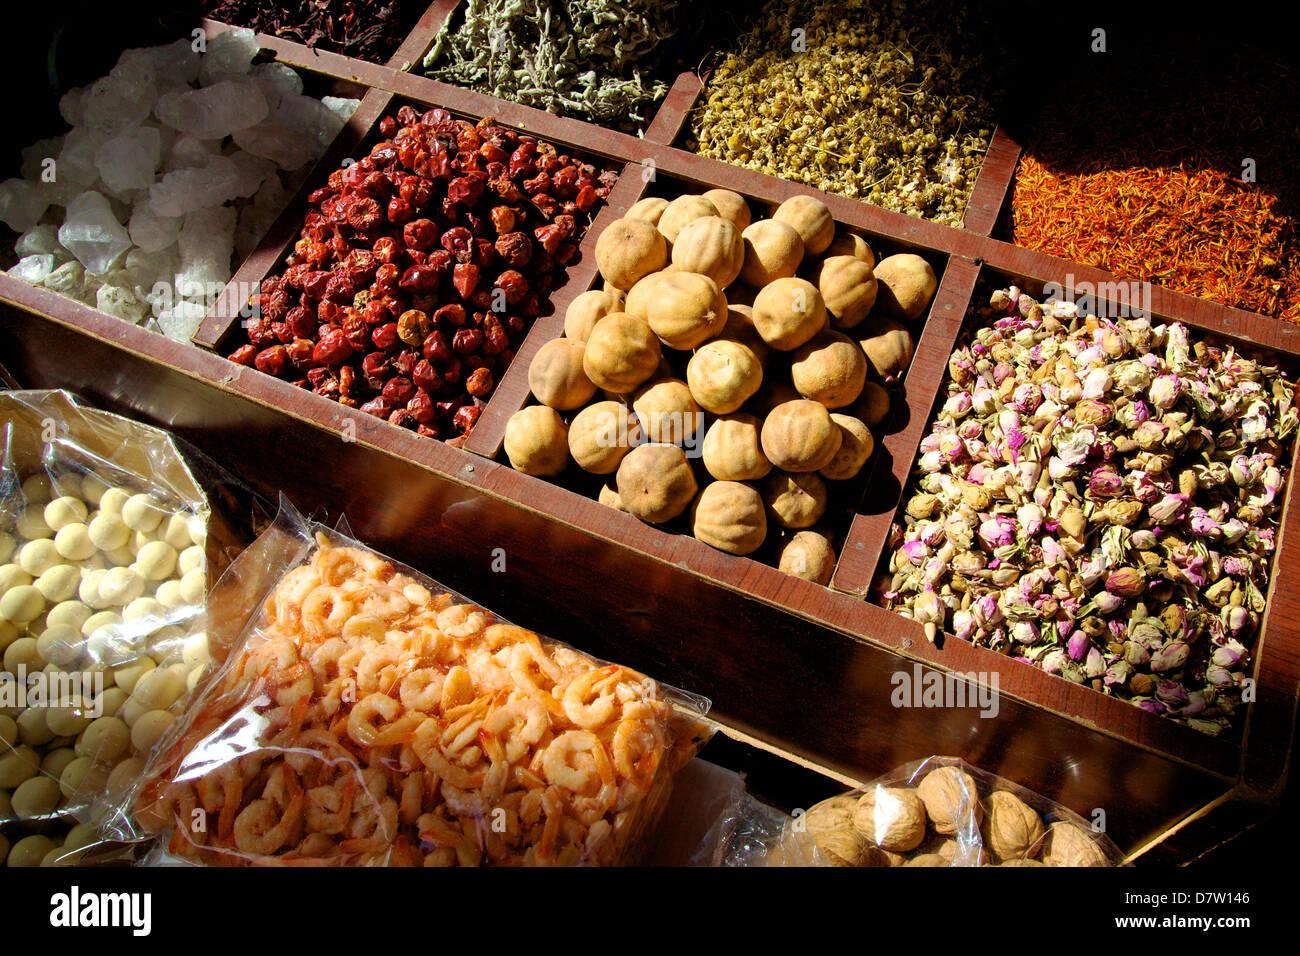 Street bancarella vendendo erbe e alimenti secchi, Dubai, Emirati Arabi Uniti, Medio Oriente Immagini Stock